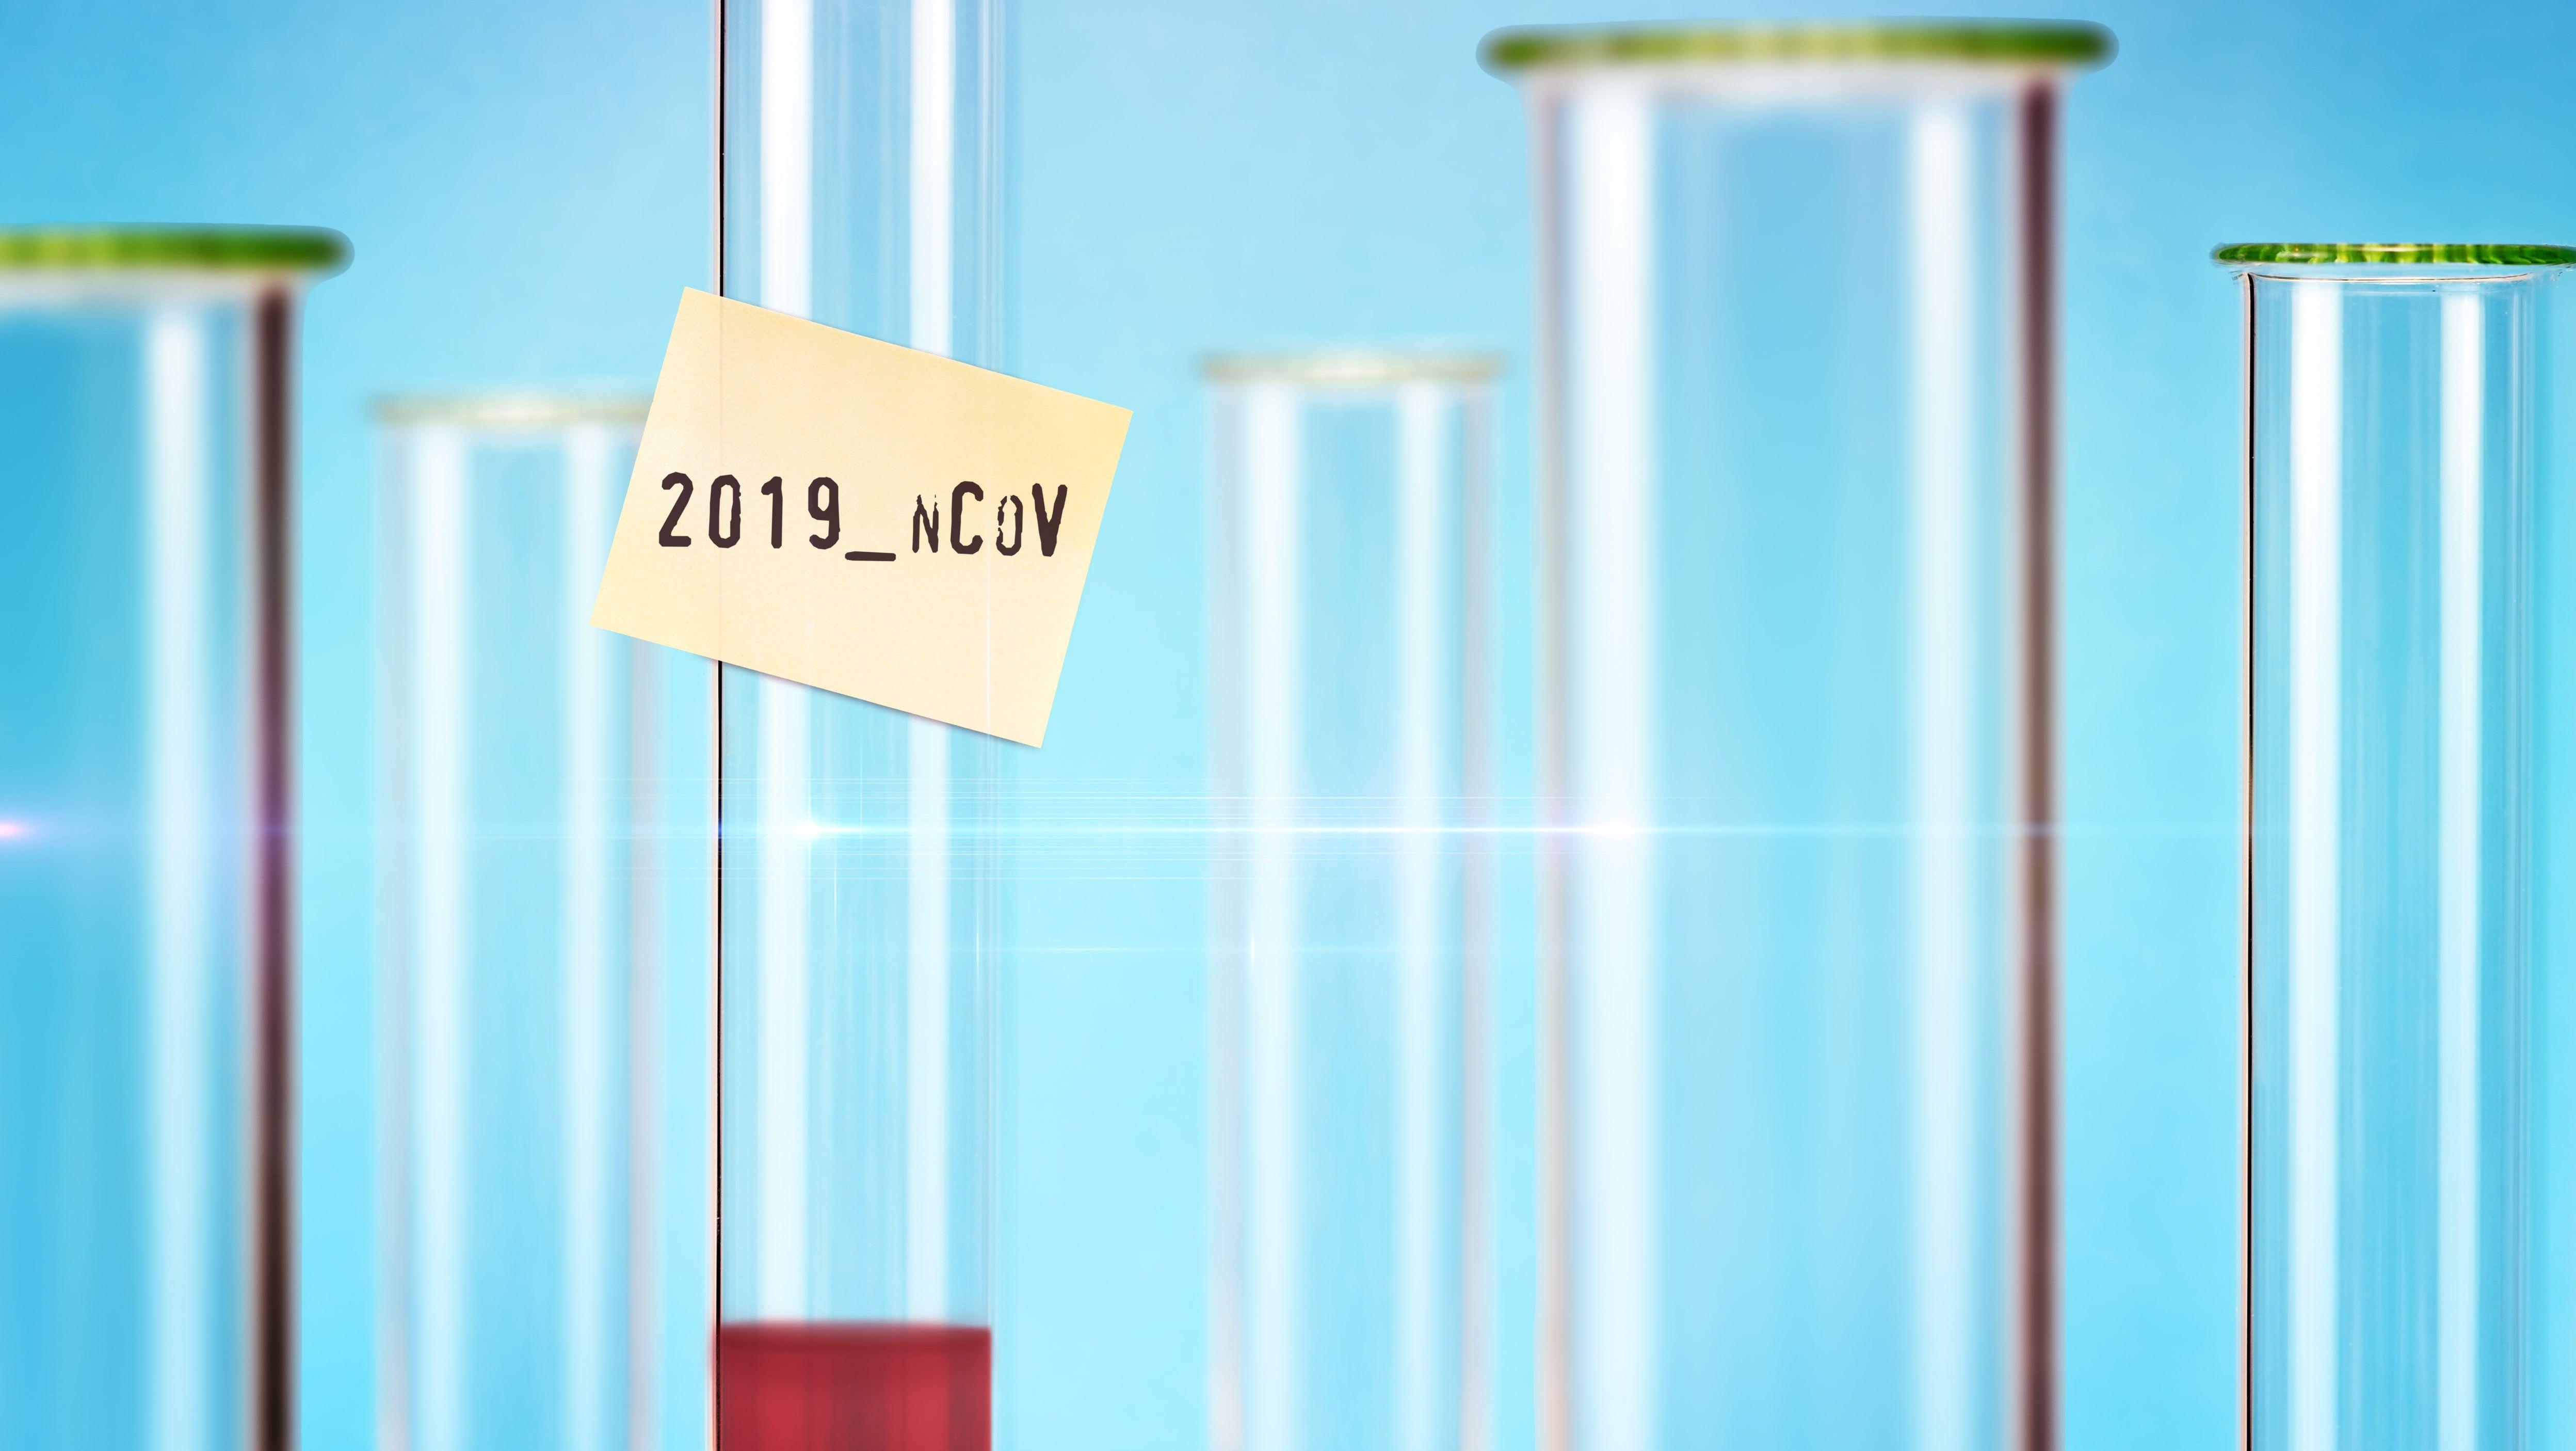 Symbolfoto Coronavirus: Reagenzglas mit Schriftzug 2019-nCoV auf einem Zettel